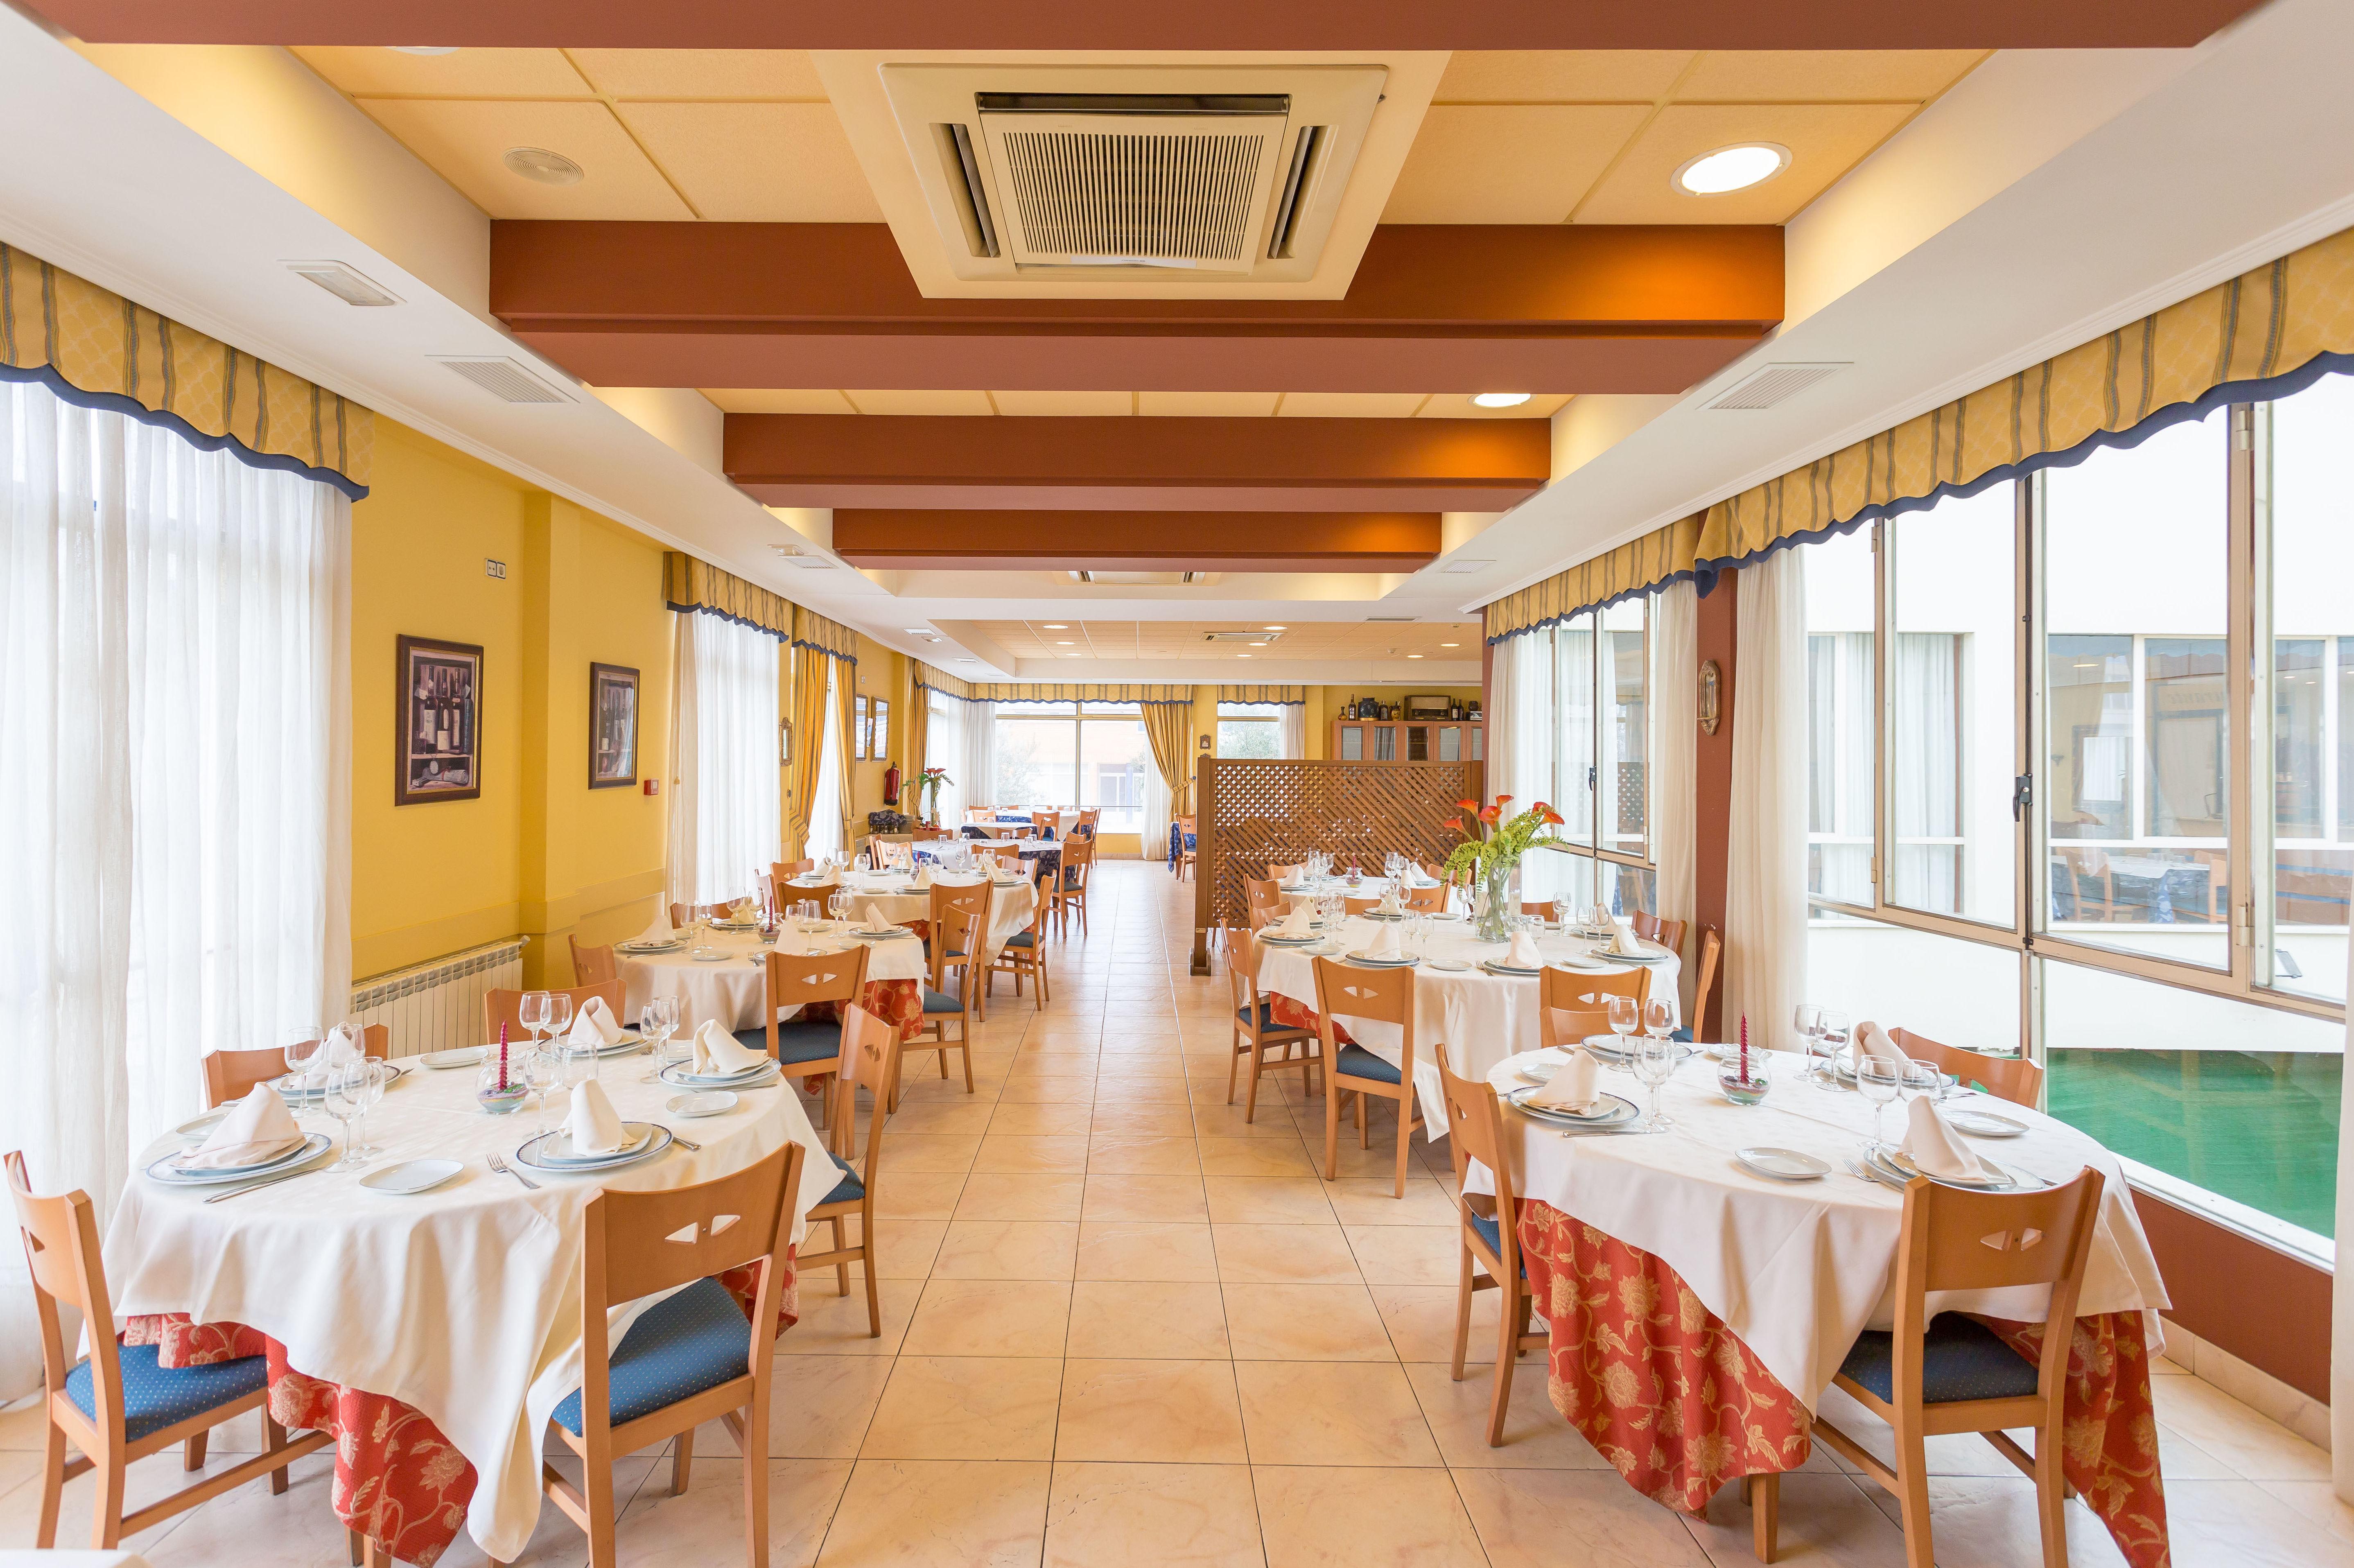 Restaurante con menú de sidrería en Peralta